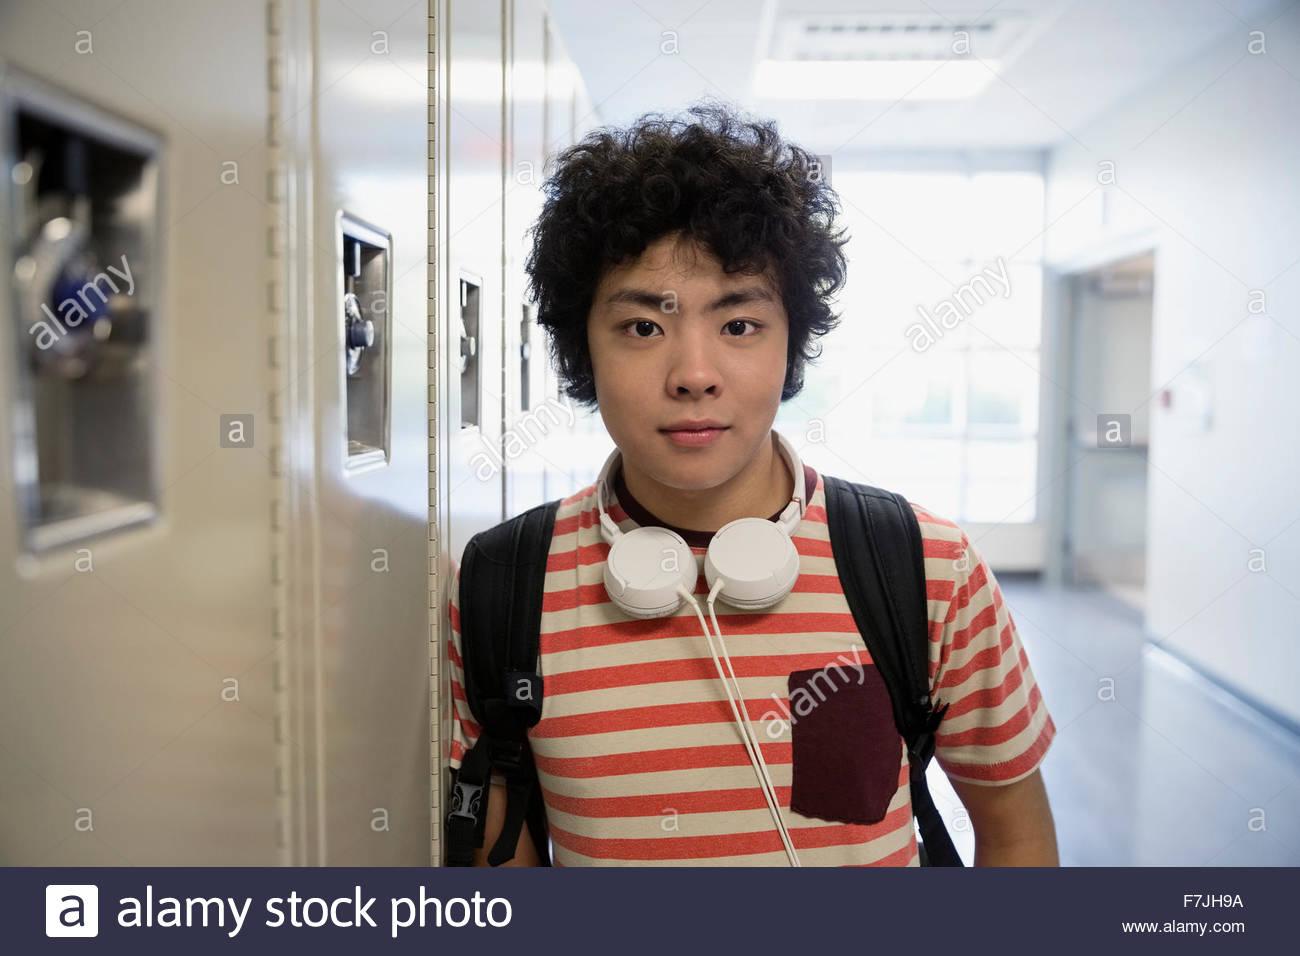 Ritratto fiducioso studente di scuola superiore con cuffie di armadietti Immagini Stock